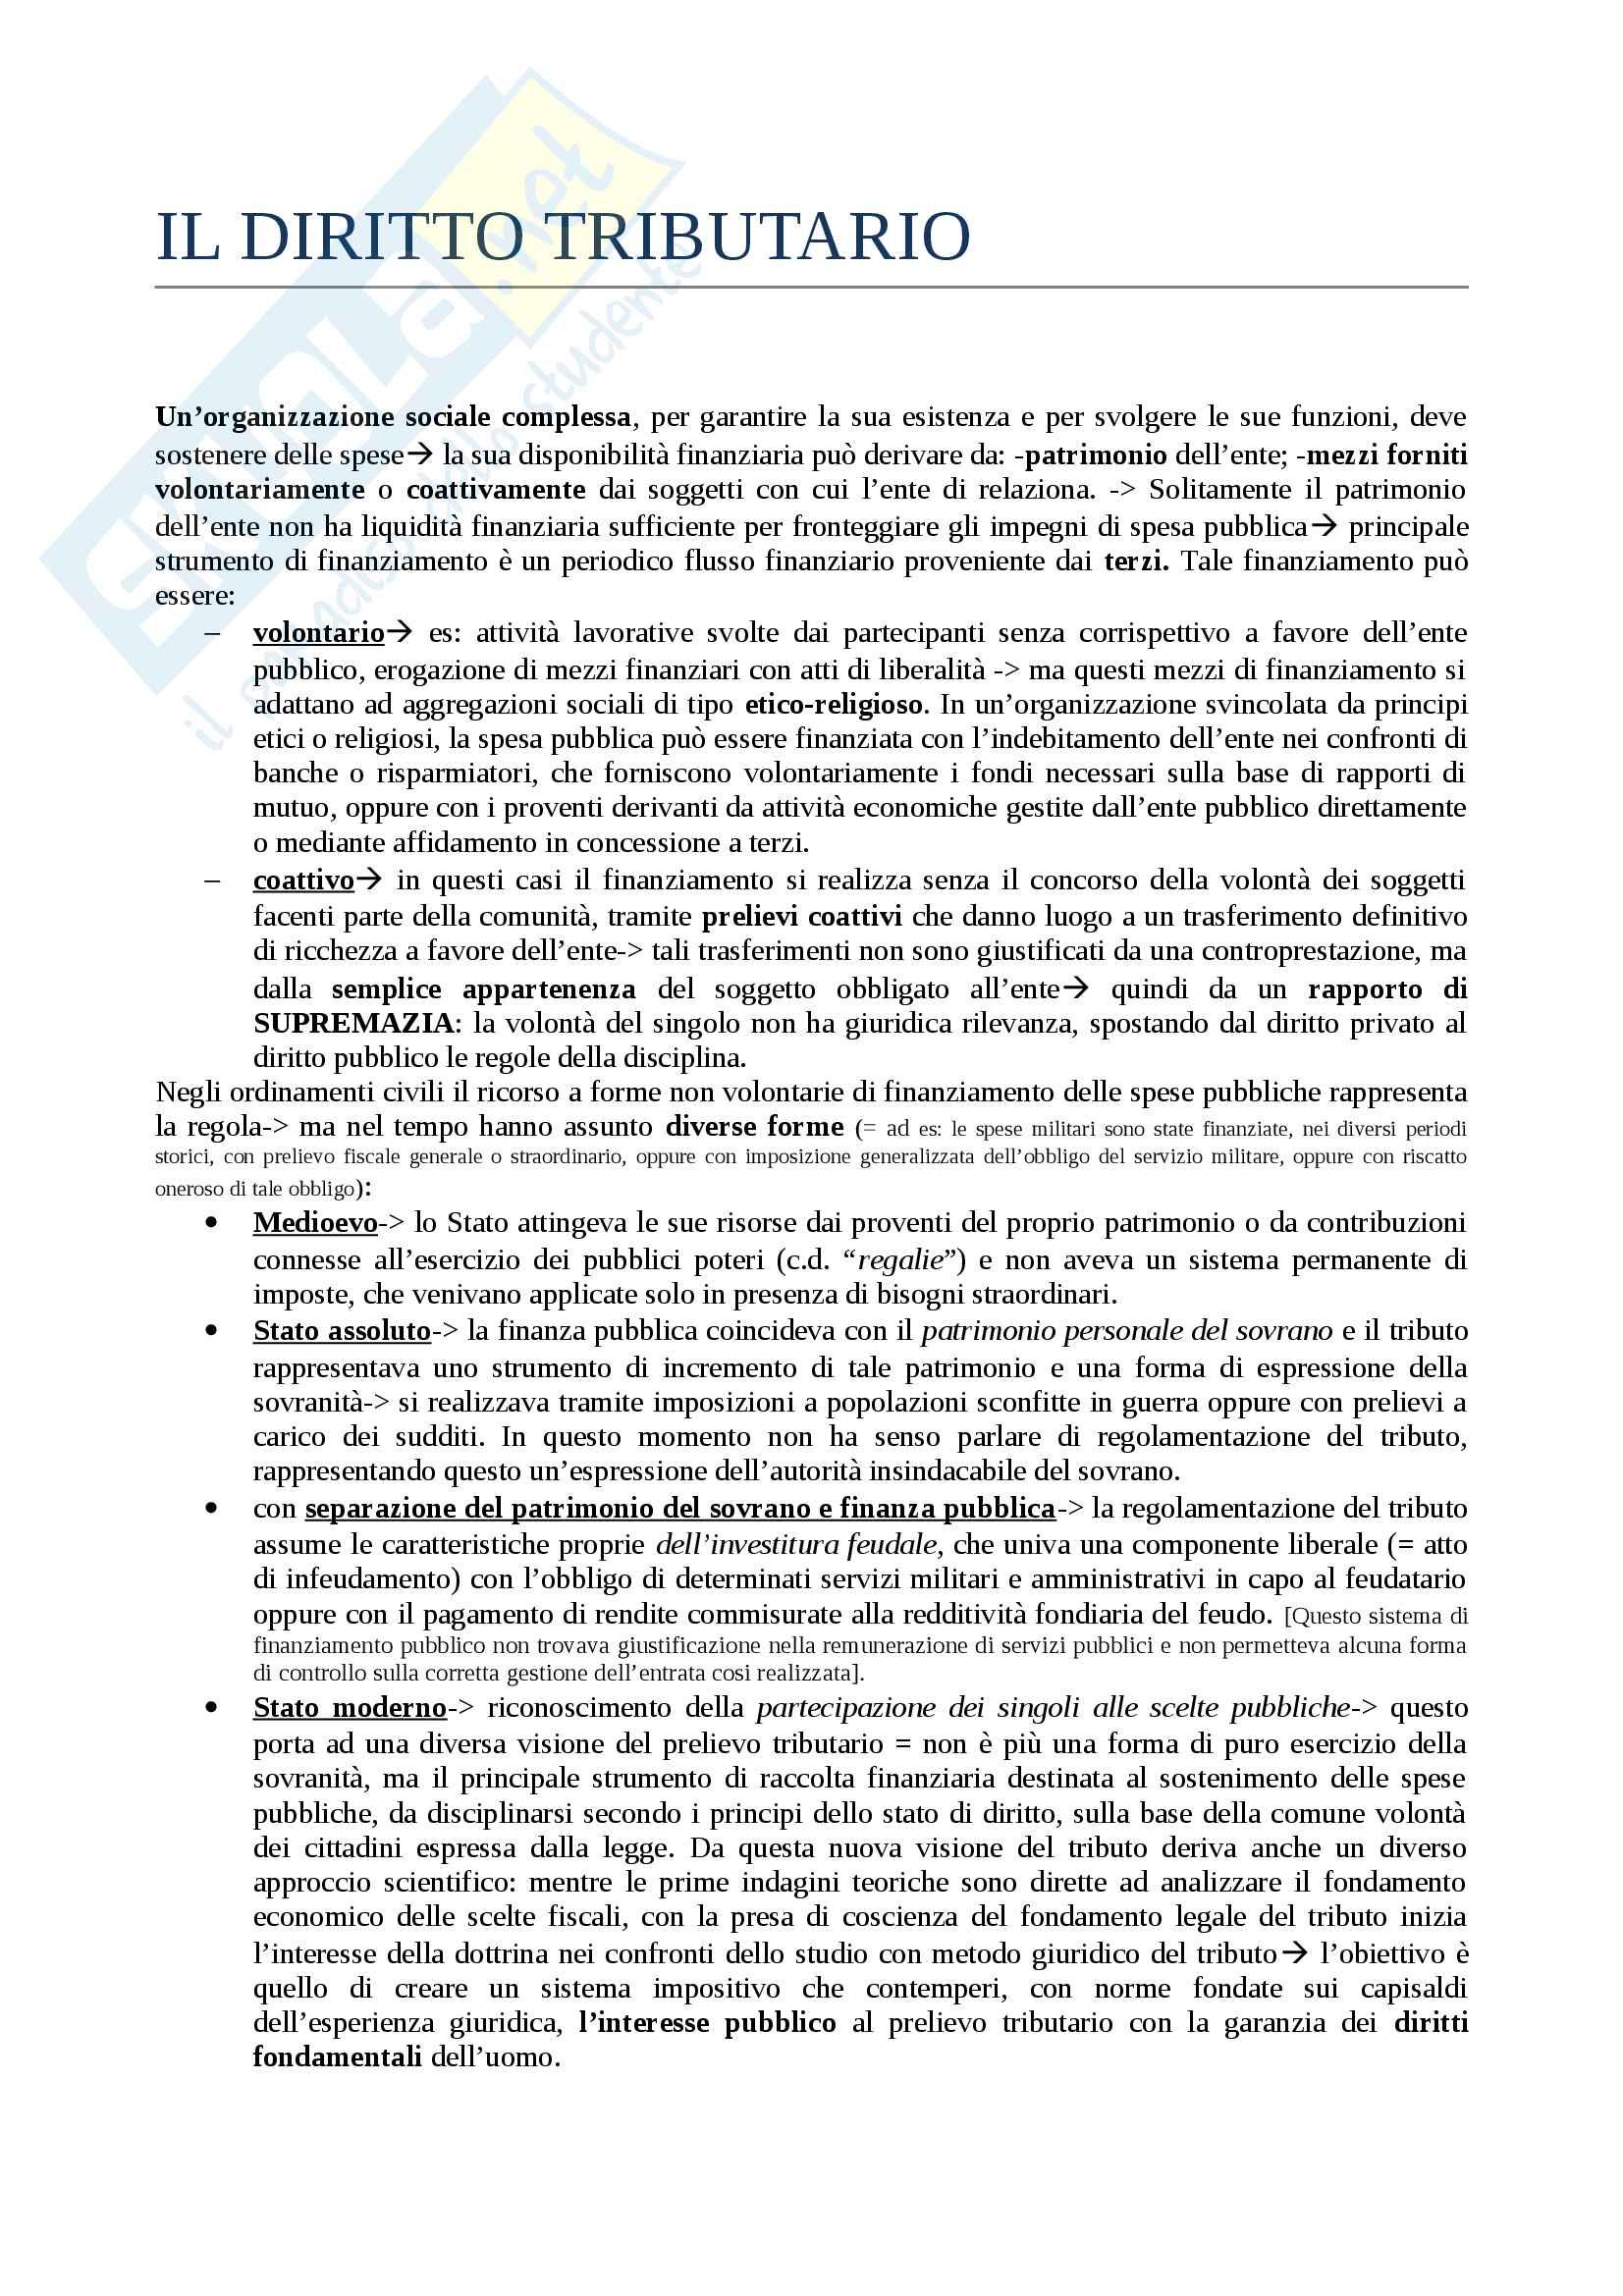 Riassunto esame Diritto tributario, prof. Tinelli, libro consigliato Istituzioni di diritto tributario di Tinelli - parte generale